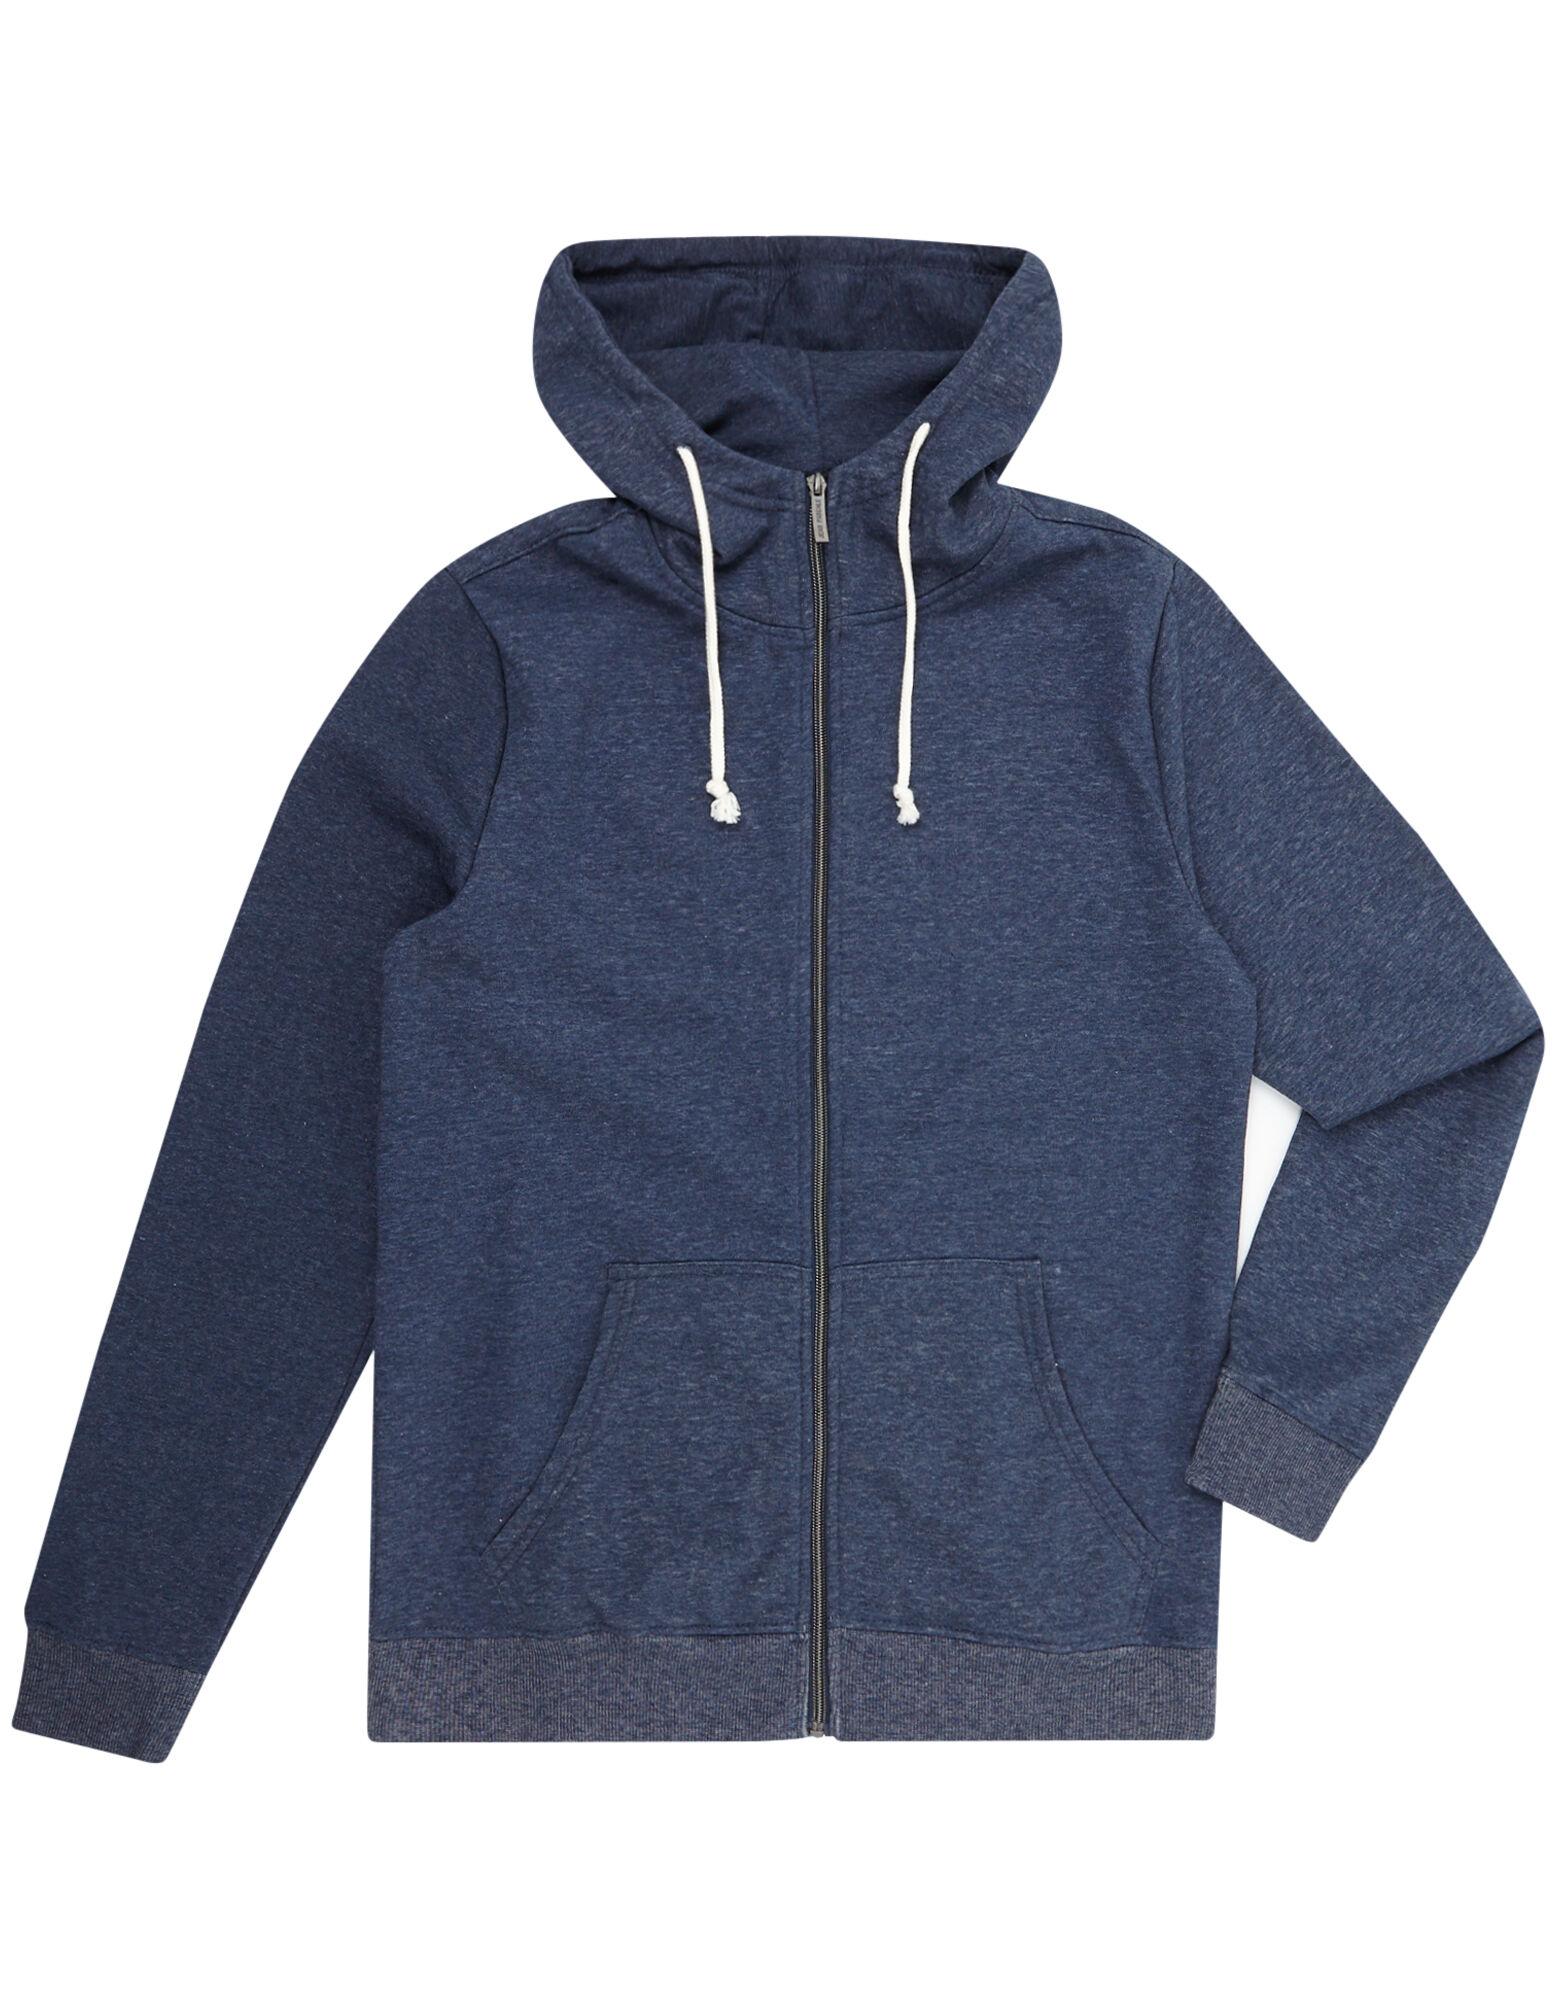 Herren Sweatshirts & Sweatjacken günstig online kaufen ...